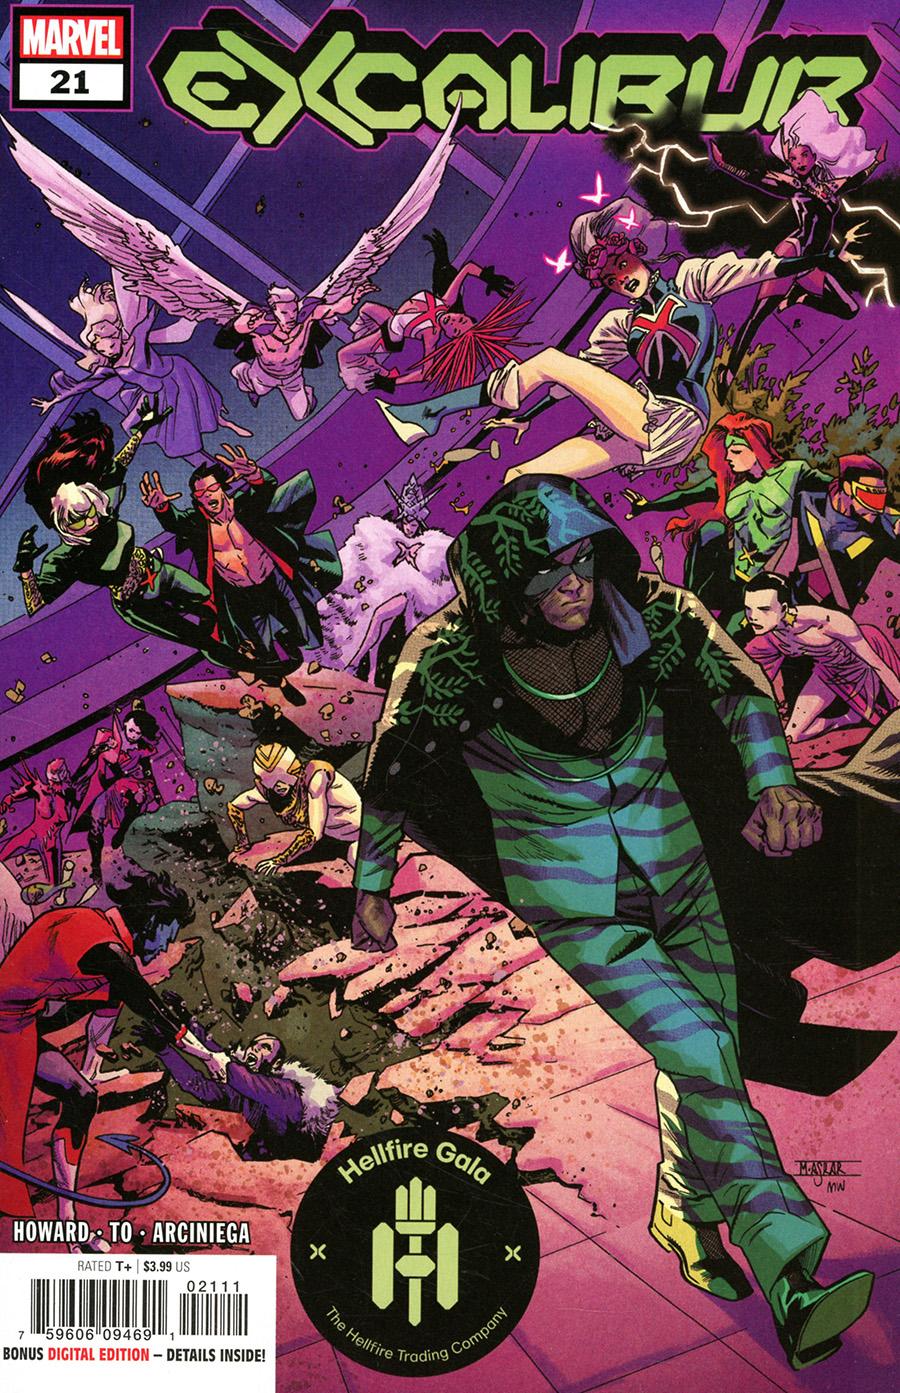 Excalibur Vol 4 #21 Cover A Regular Mahmud Asrar Cover (Hellfire Gala Tie-In)